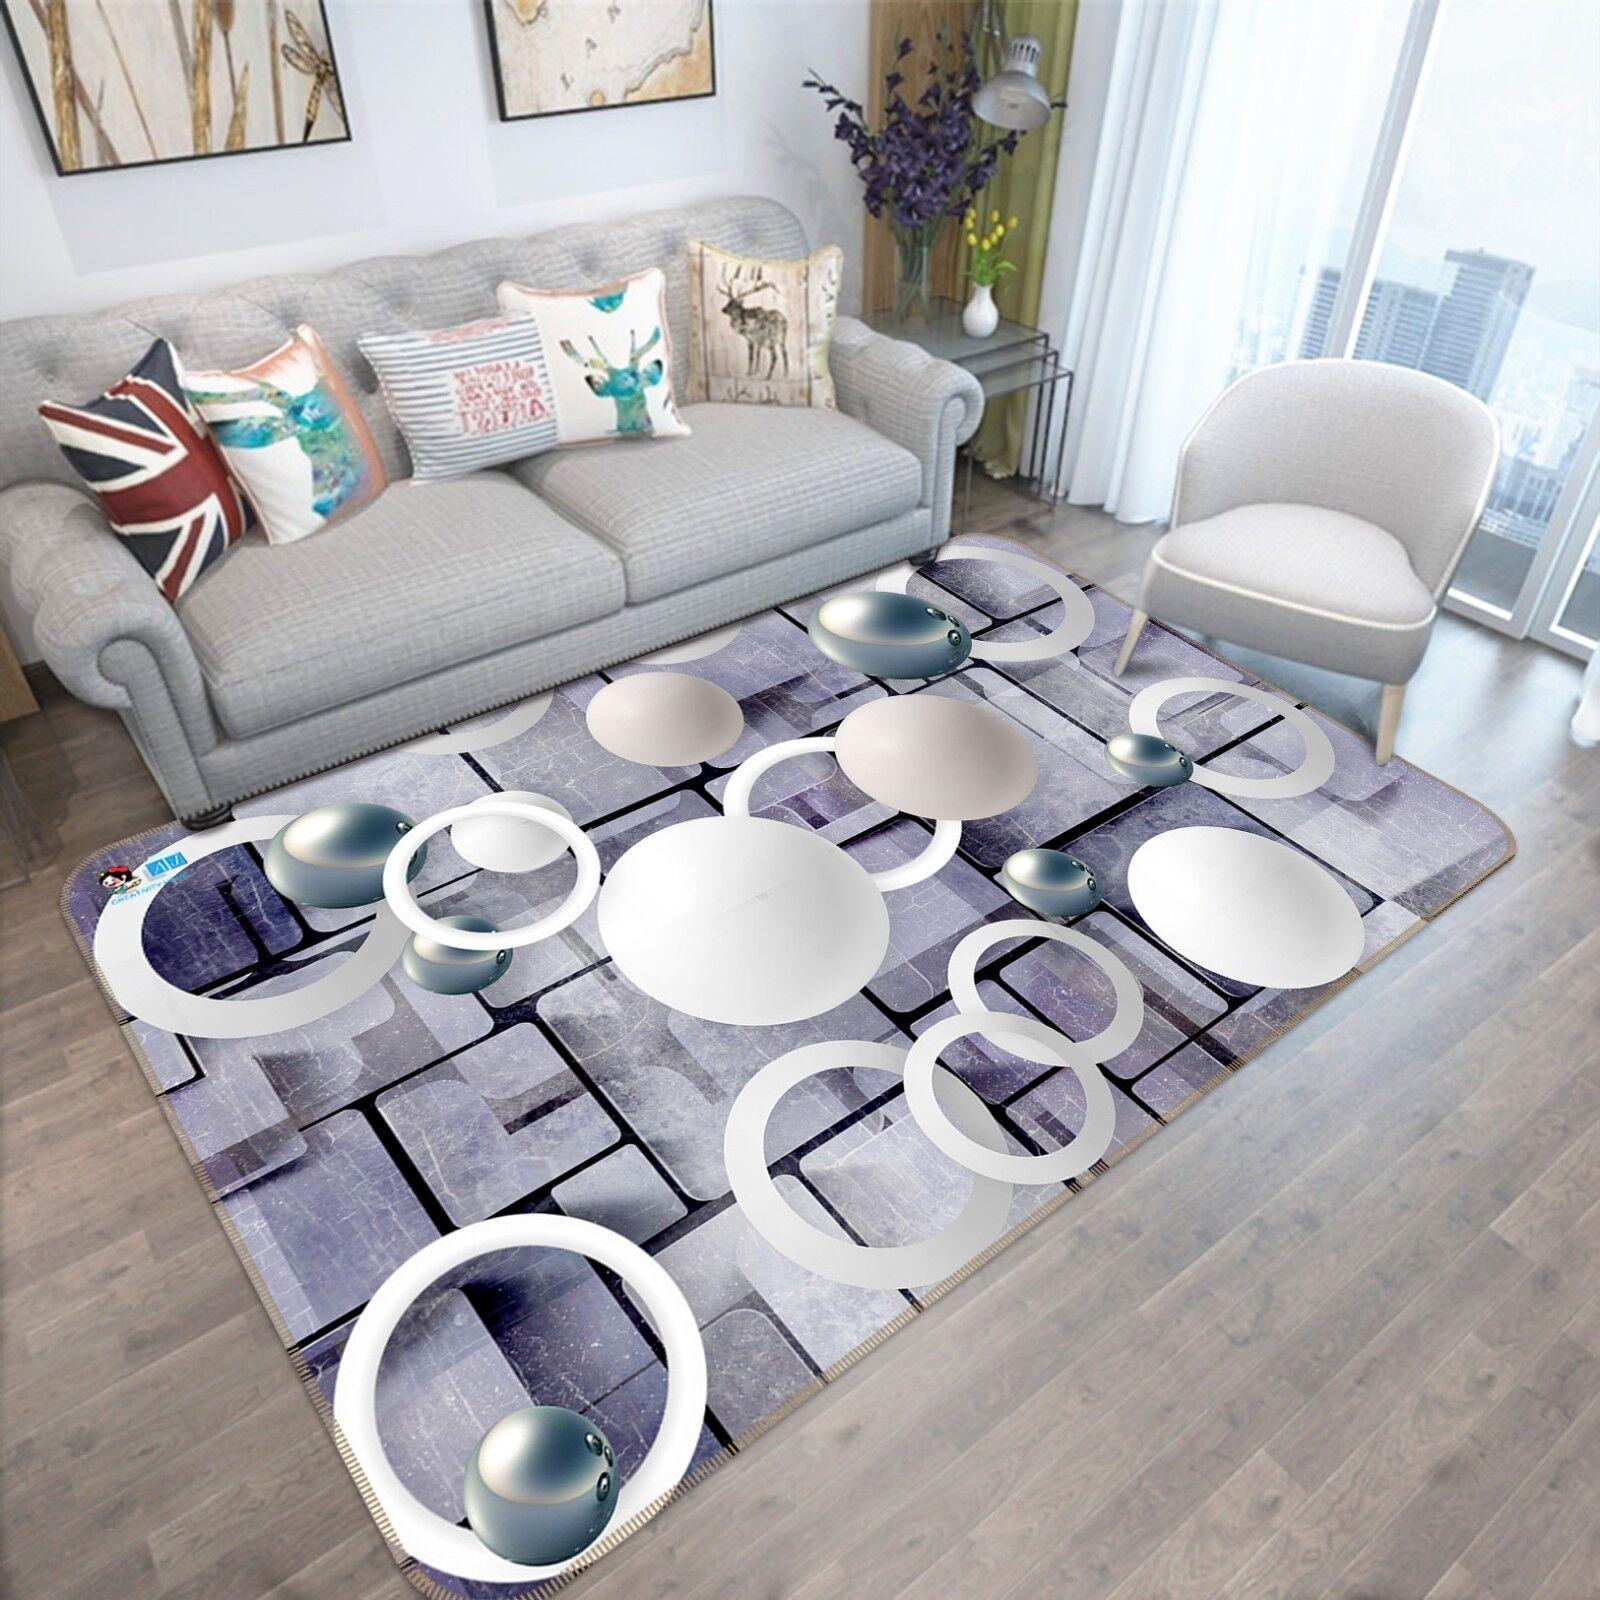 3D rossoondo Cubo Palla 3 tappetino antiscivolo tappeto camera Tappetino Qualità Elegante foto Tappeto UK